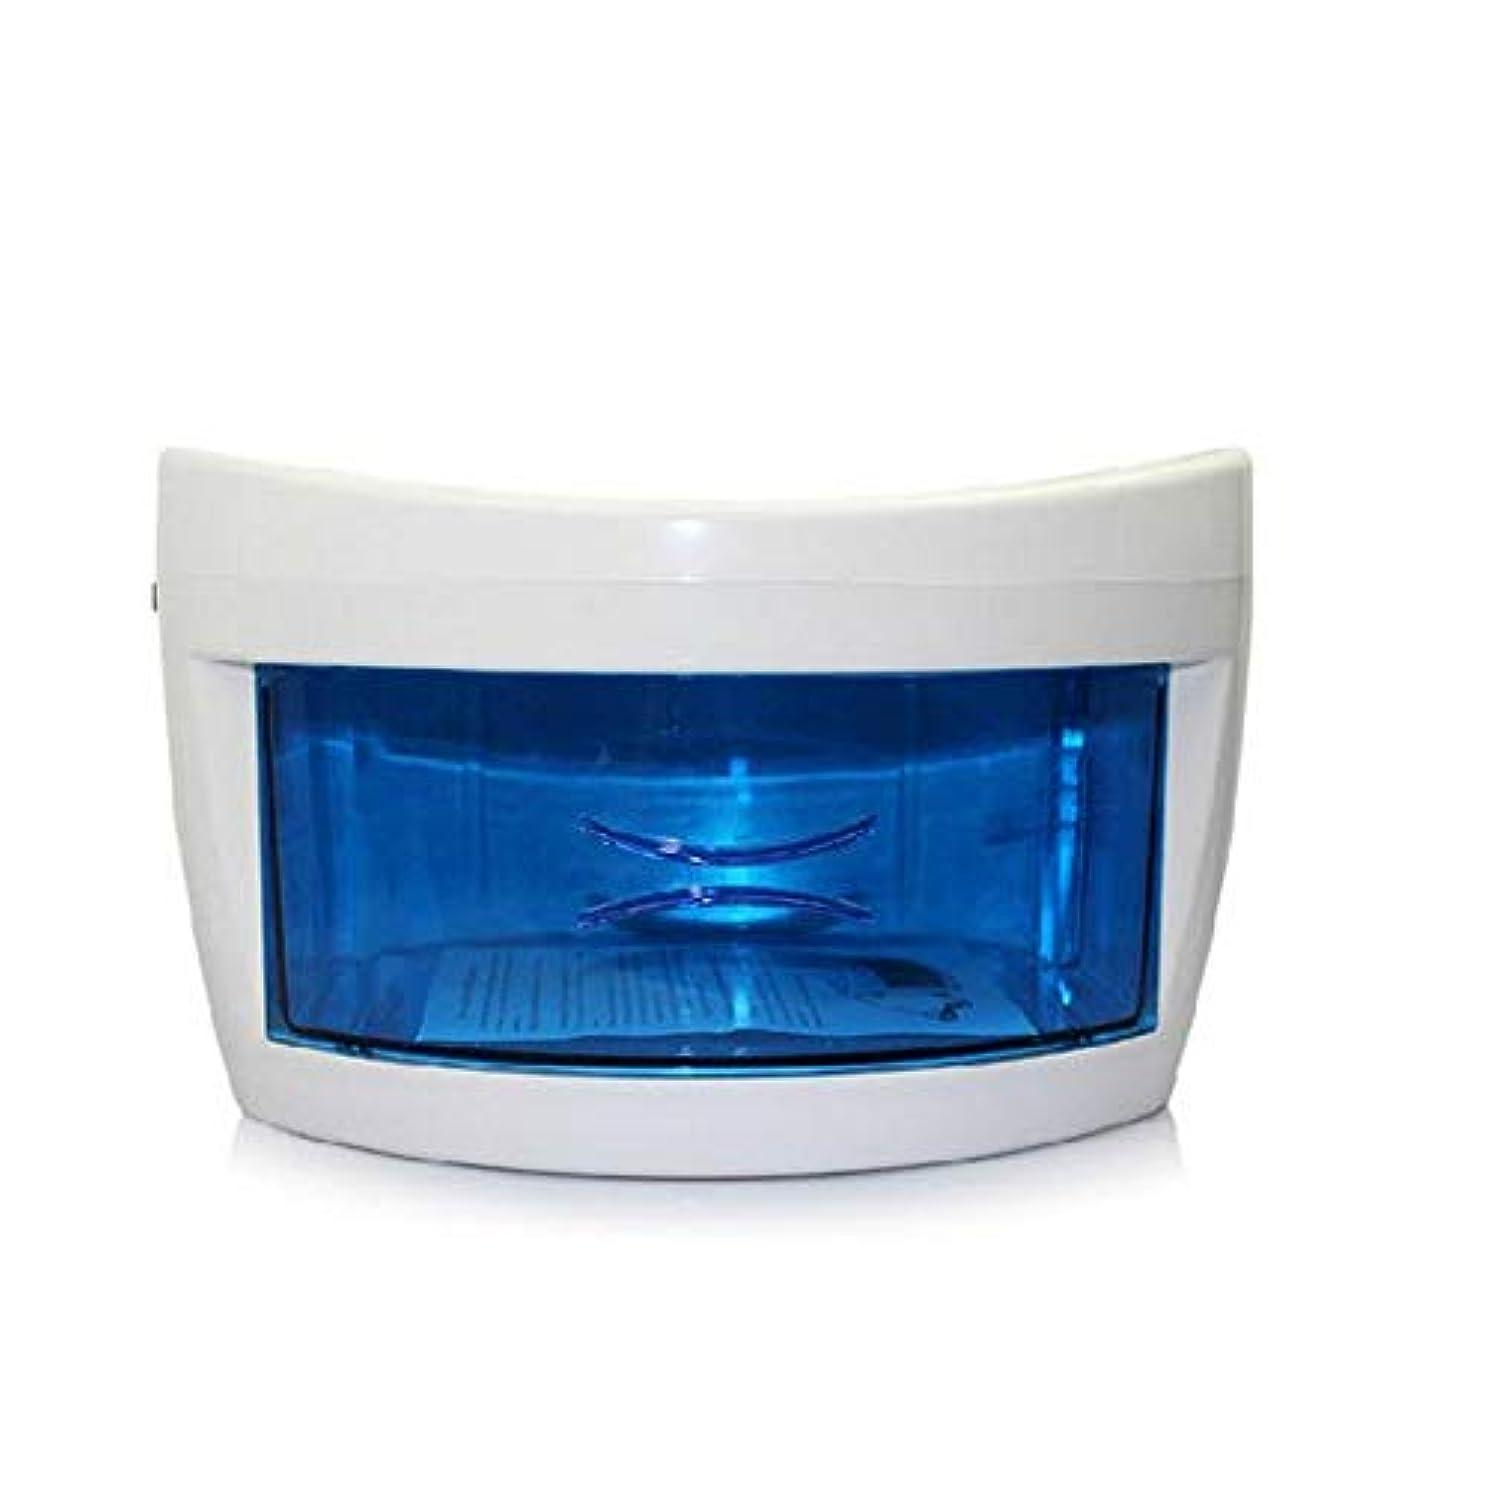 ぼんやりした幻滅する含意専門の卓上の紫外線紫外線用具の滅菌装置のキャビネット、釘用具の付属品の滅菌装置の美容院のための高温クリーニング機械